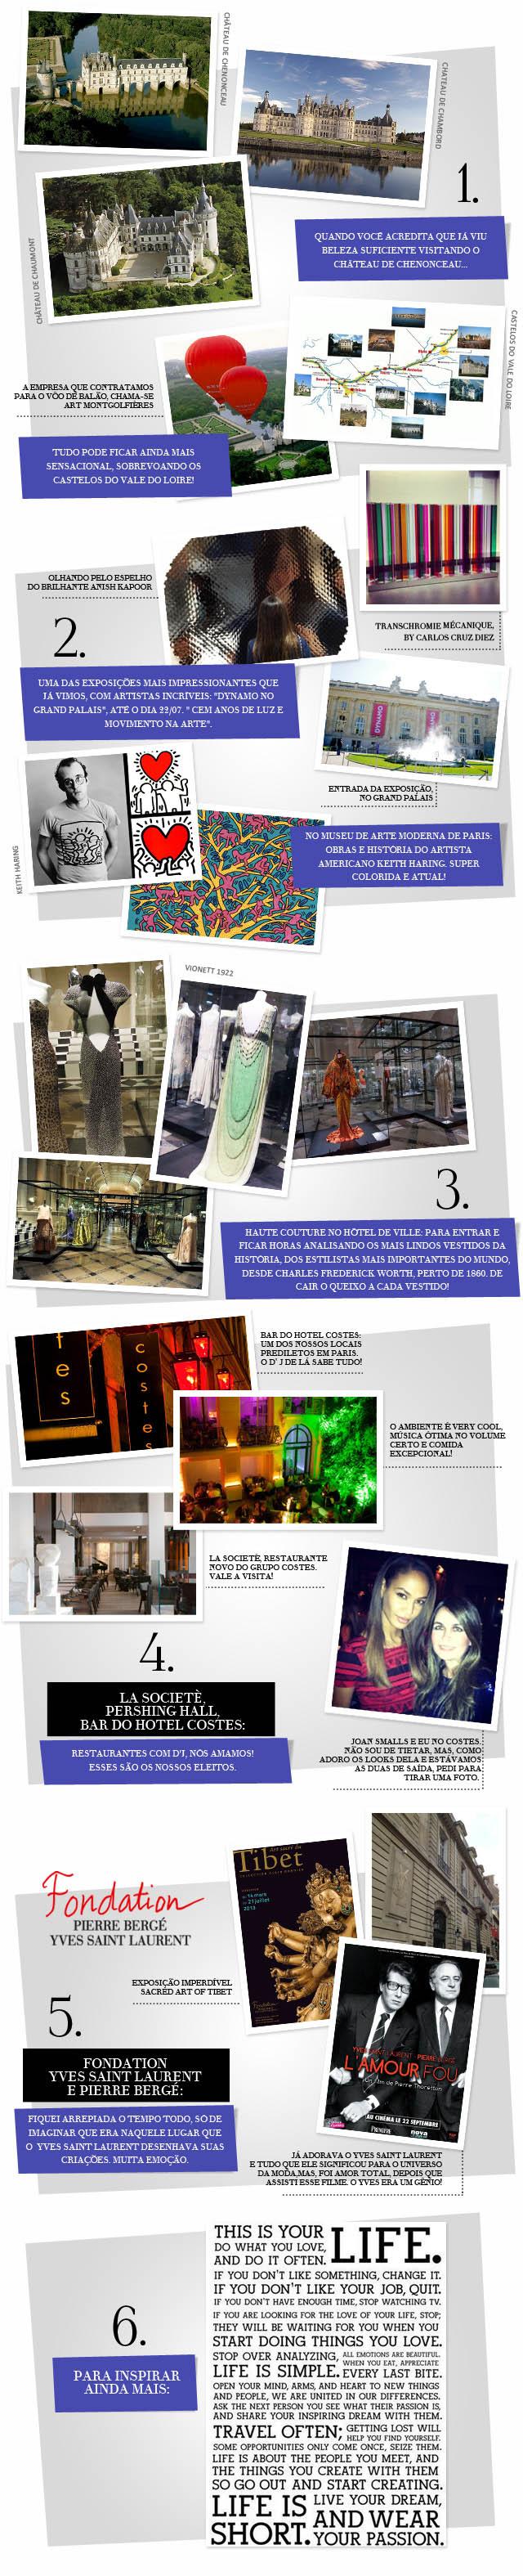 blog-da-alice-ferraz-vi-por-paris2